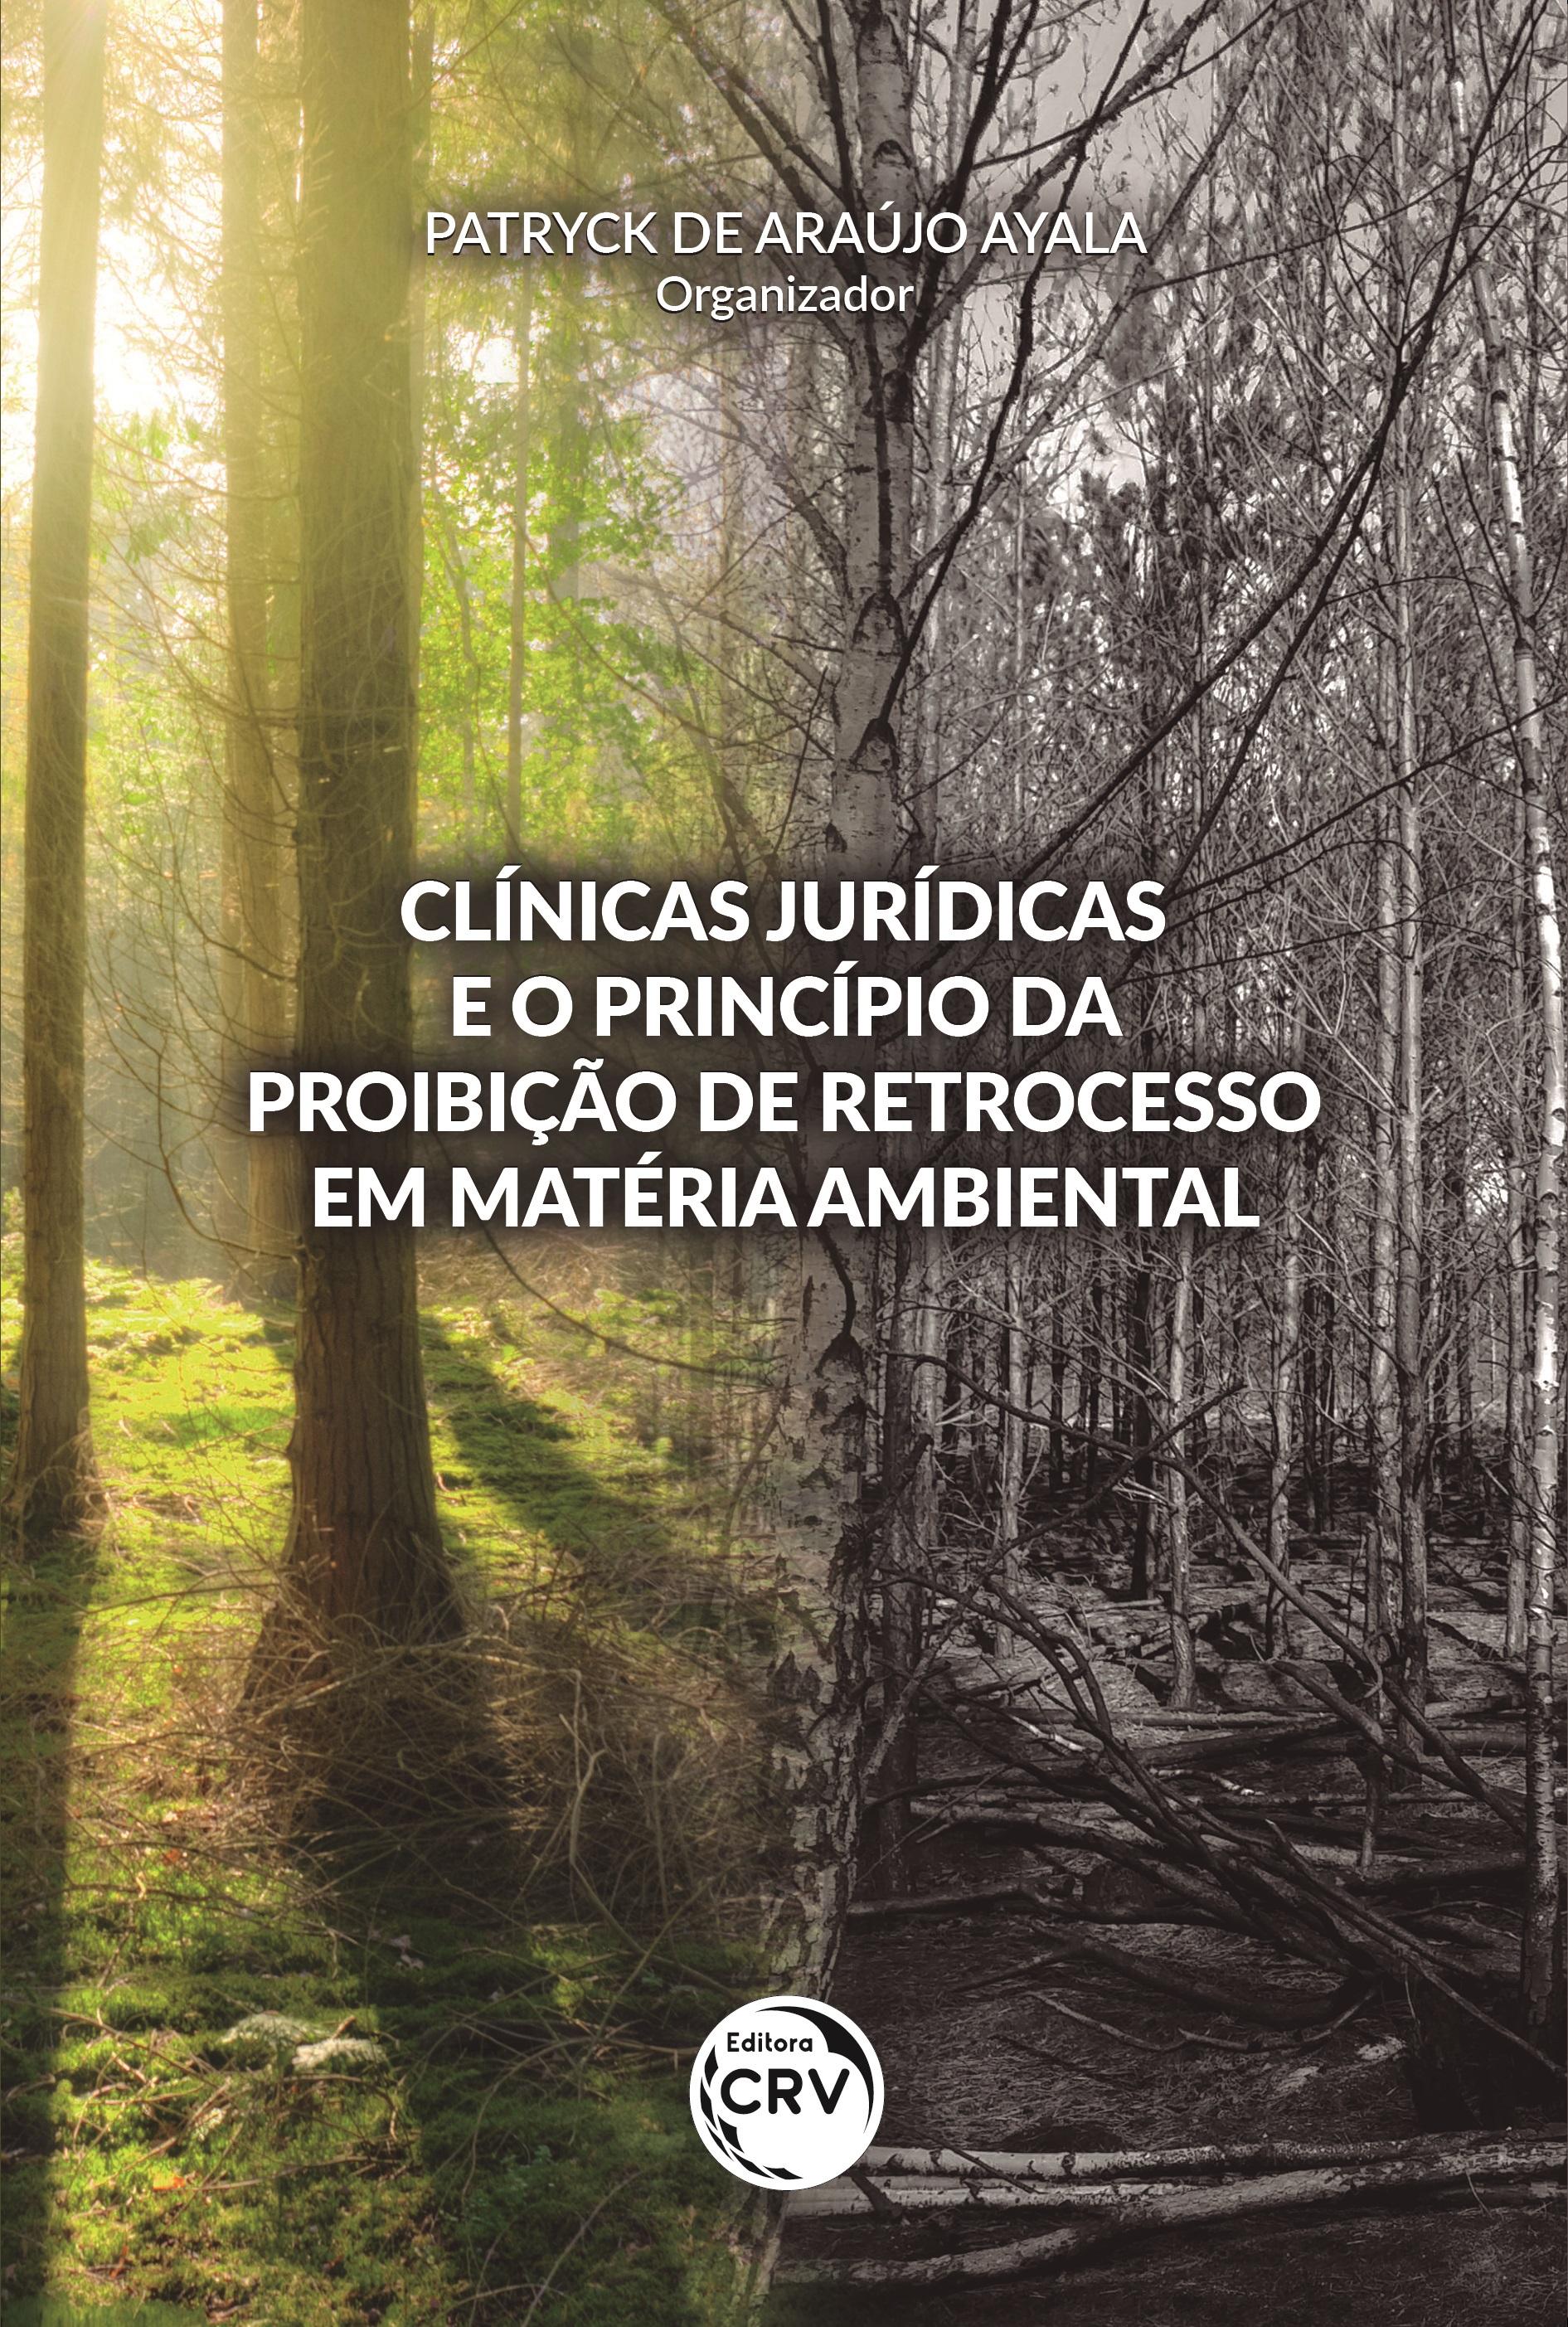 Capa do livro: CLÍNICAS JURÍDICAS E O PRINCÍPIO DA PROIBIÇÃO DE RETROCESSO EM MATÉRIA AMBIENTAL